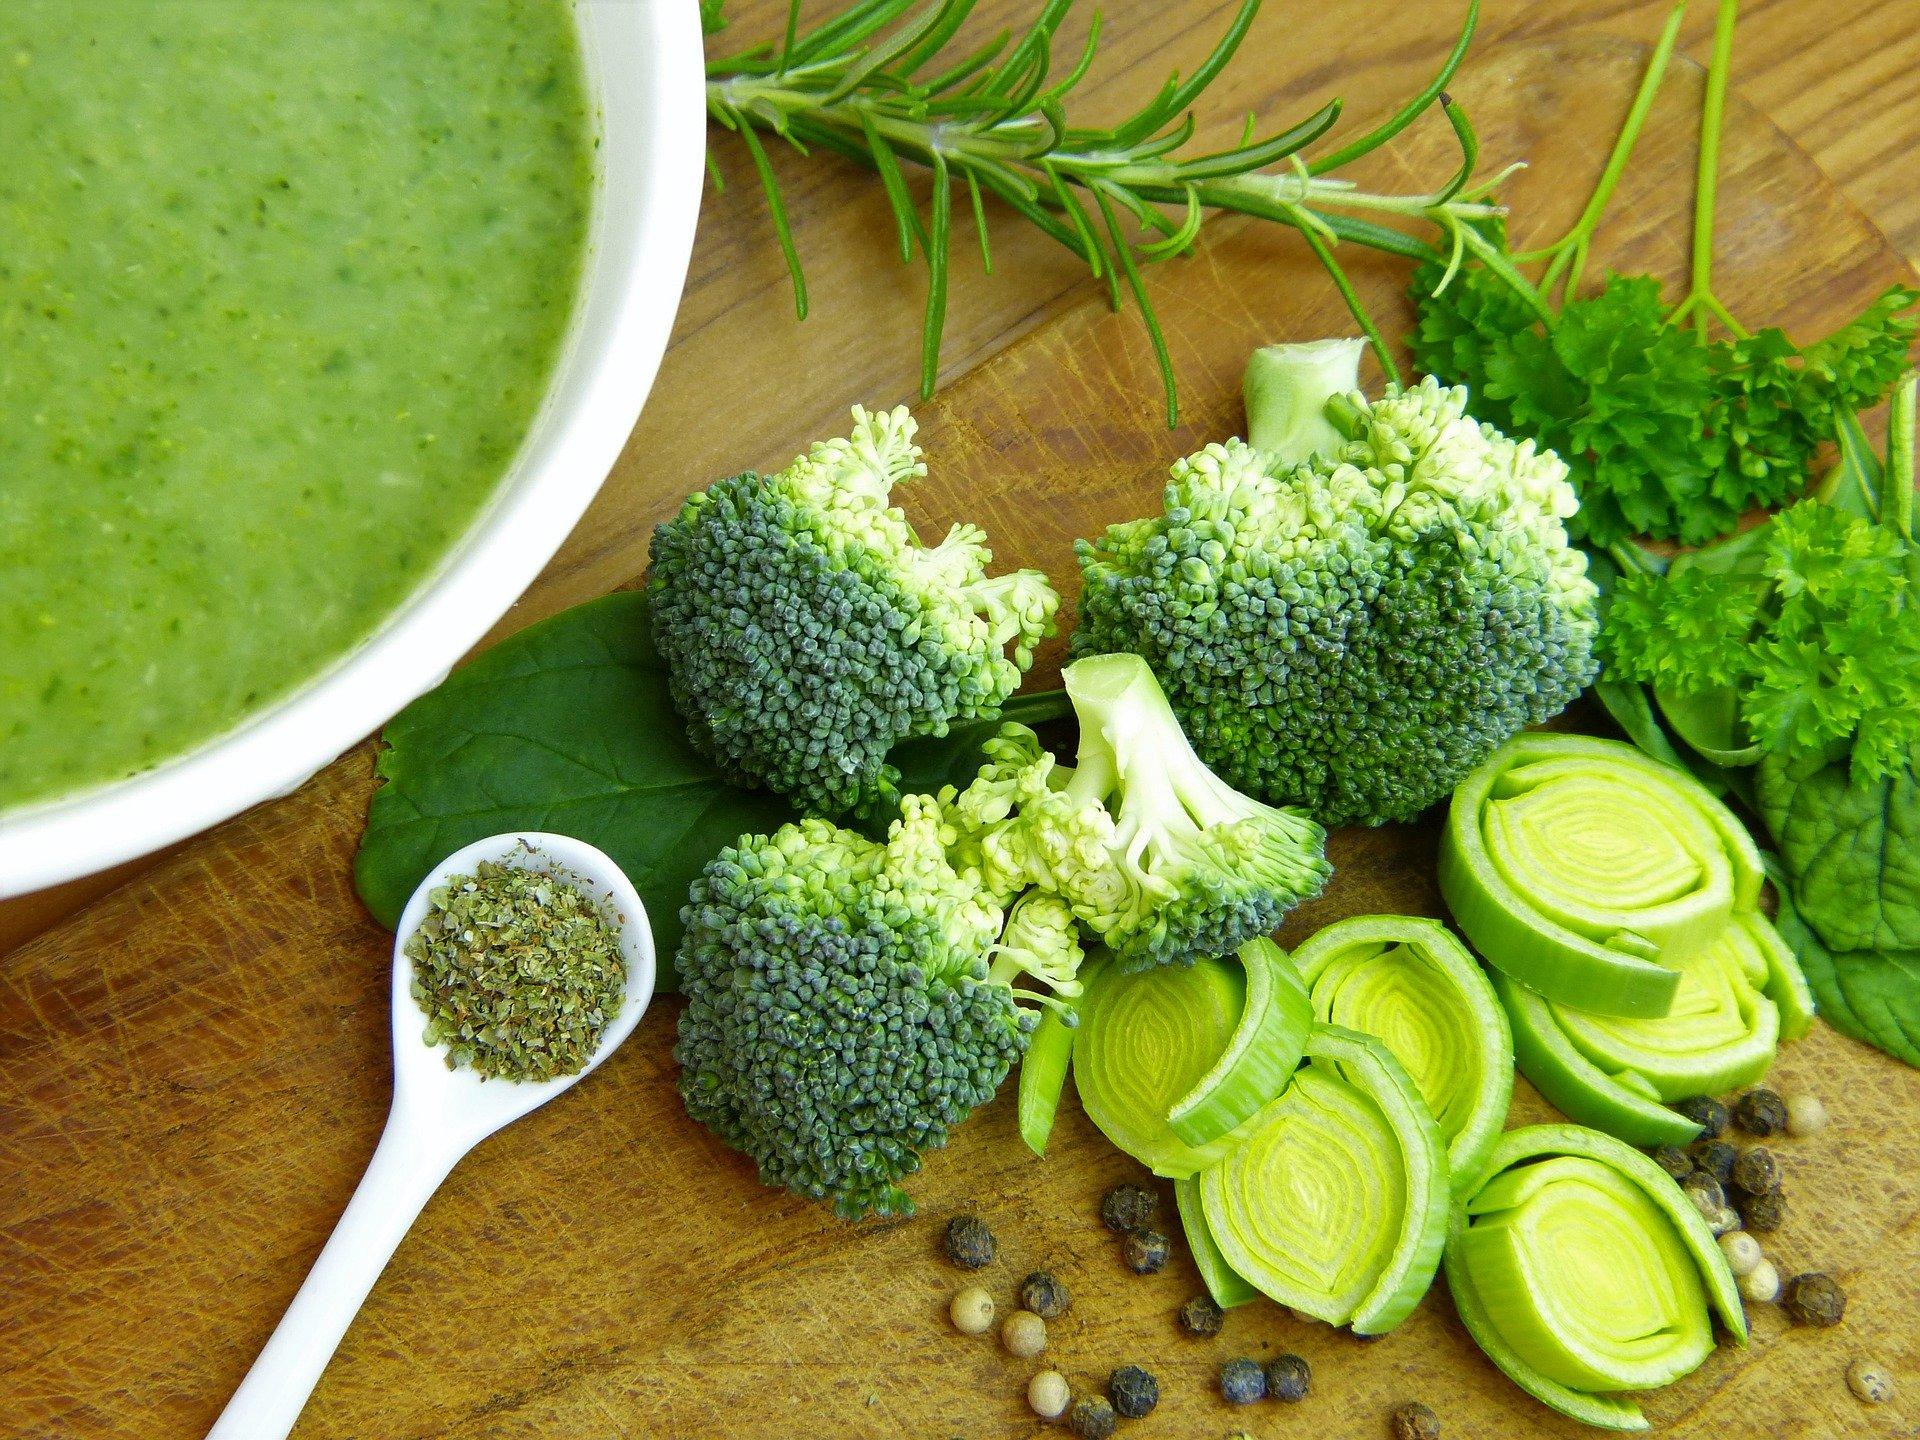 お肌の乾燥対策に重要な栄養素